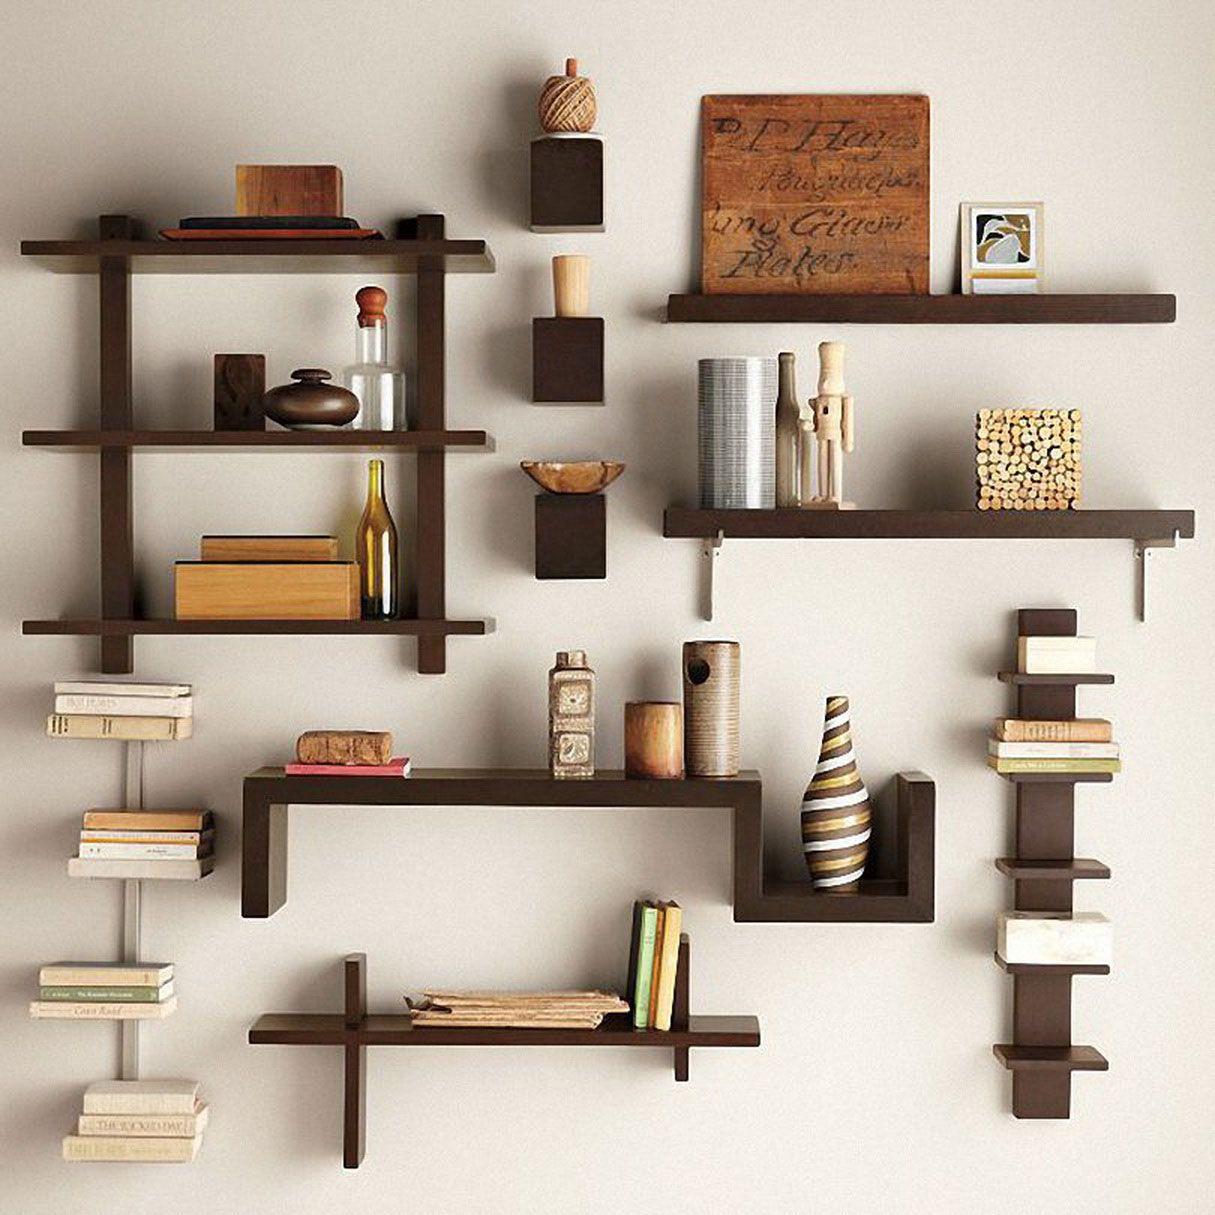 Wall Mounted Shelves Floating Shelves Living Room Wall Shelves